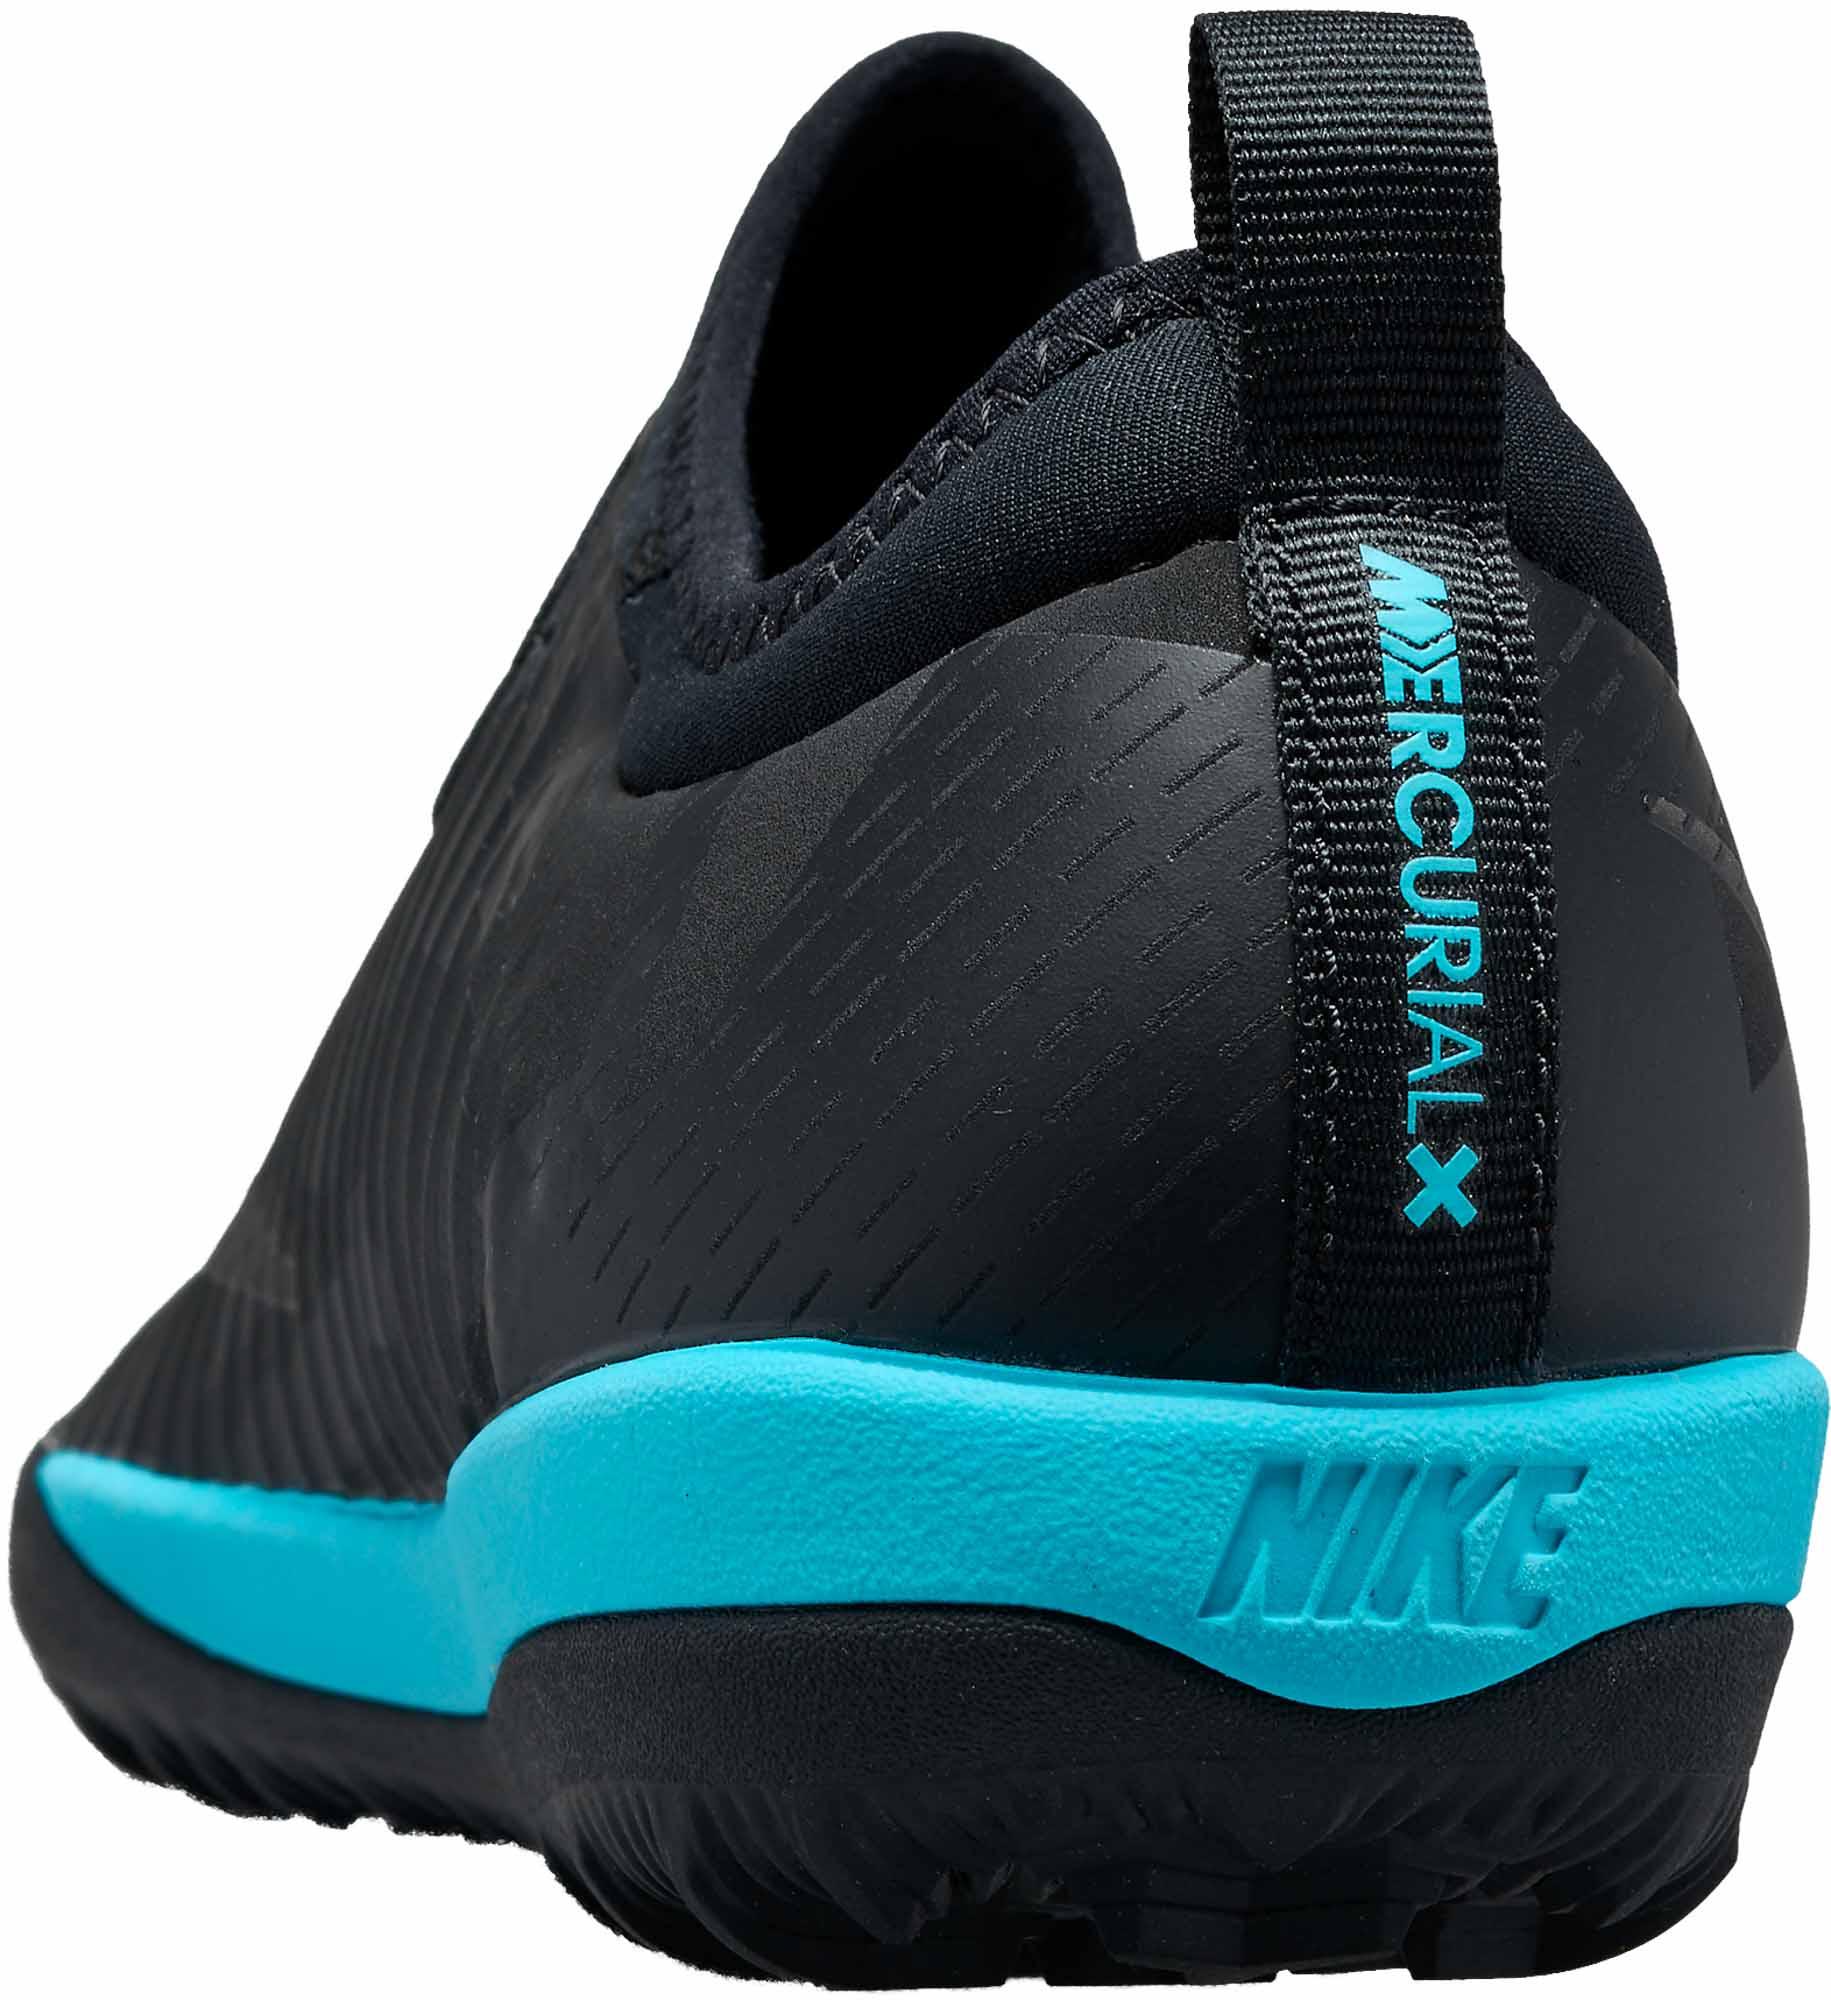 low cost 51f51 89e3e Nike MercurialX Finale II TF - SE - Black & Gamma Blue ...